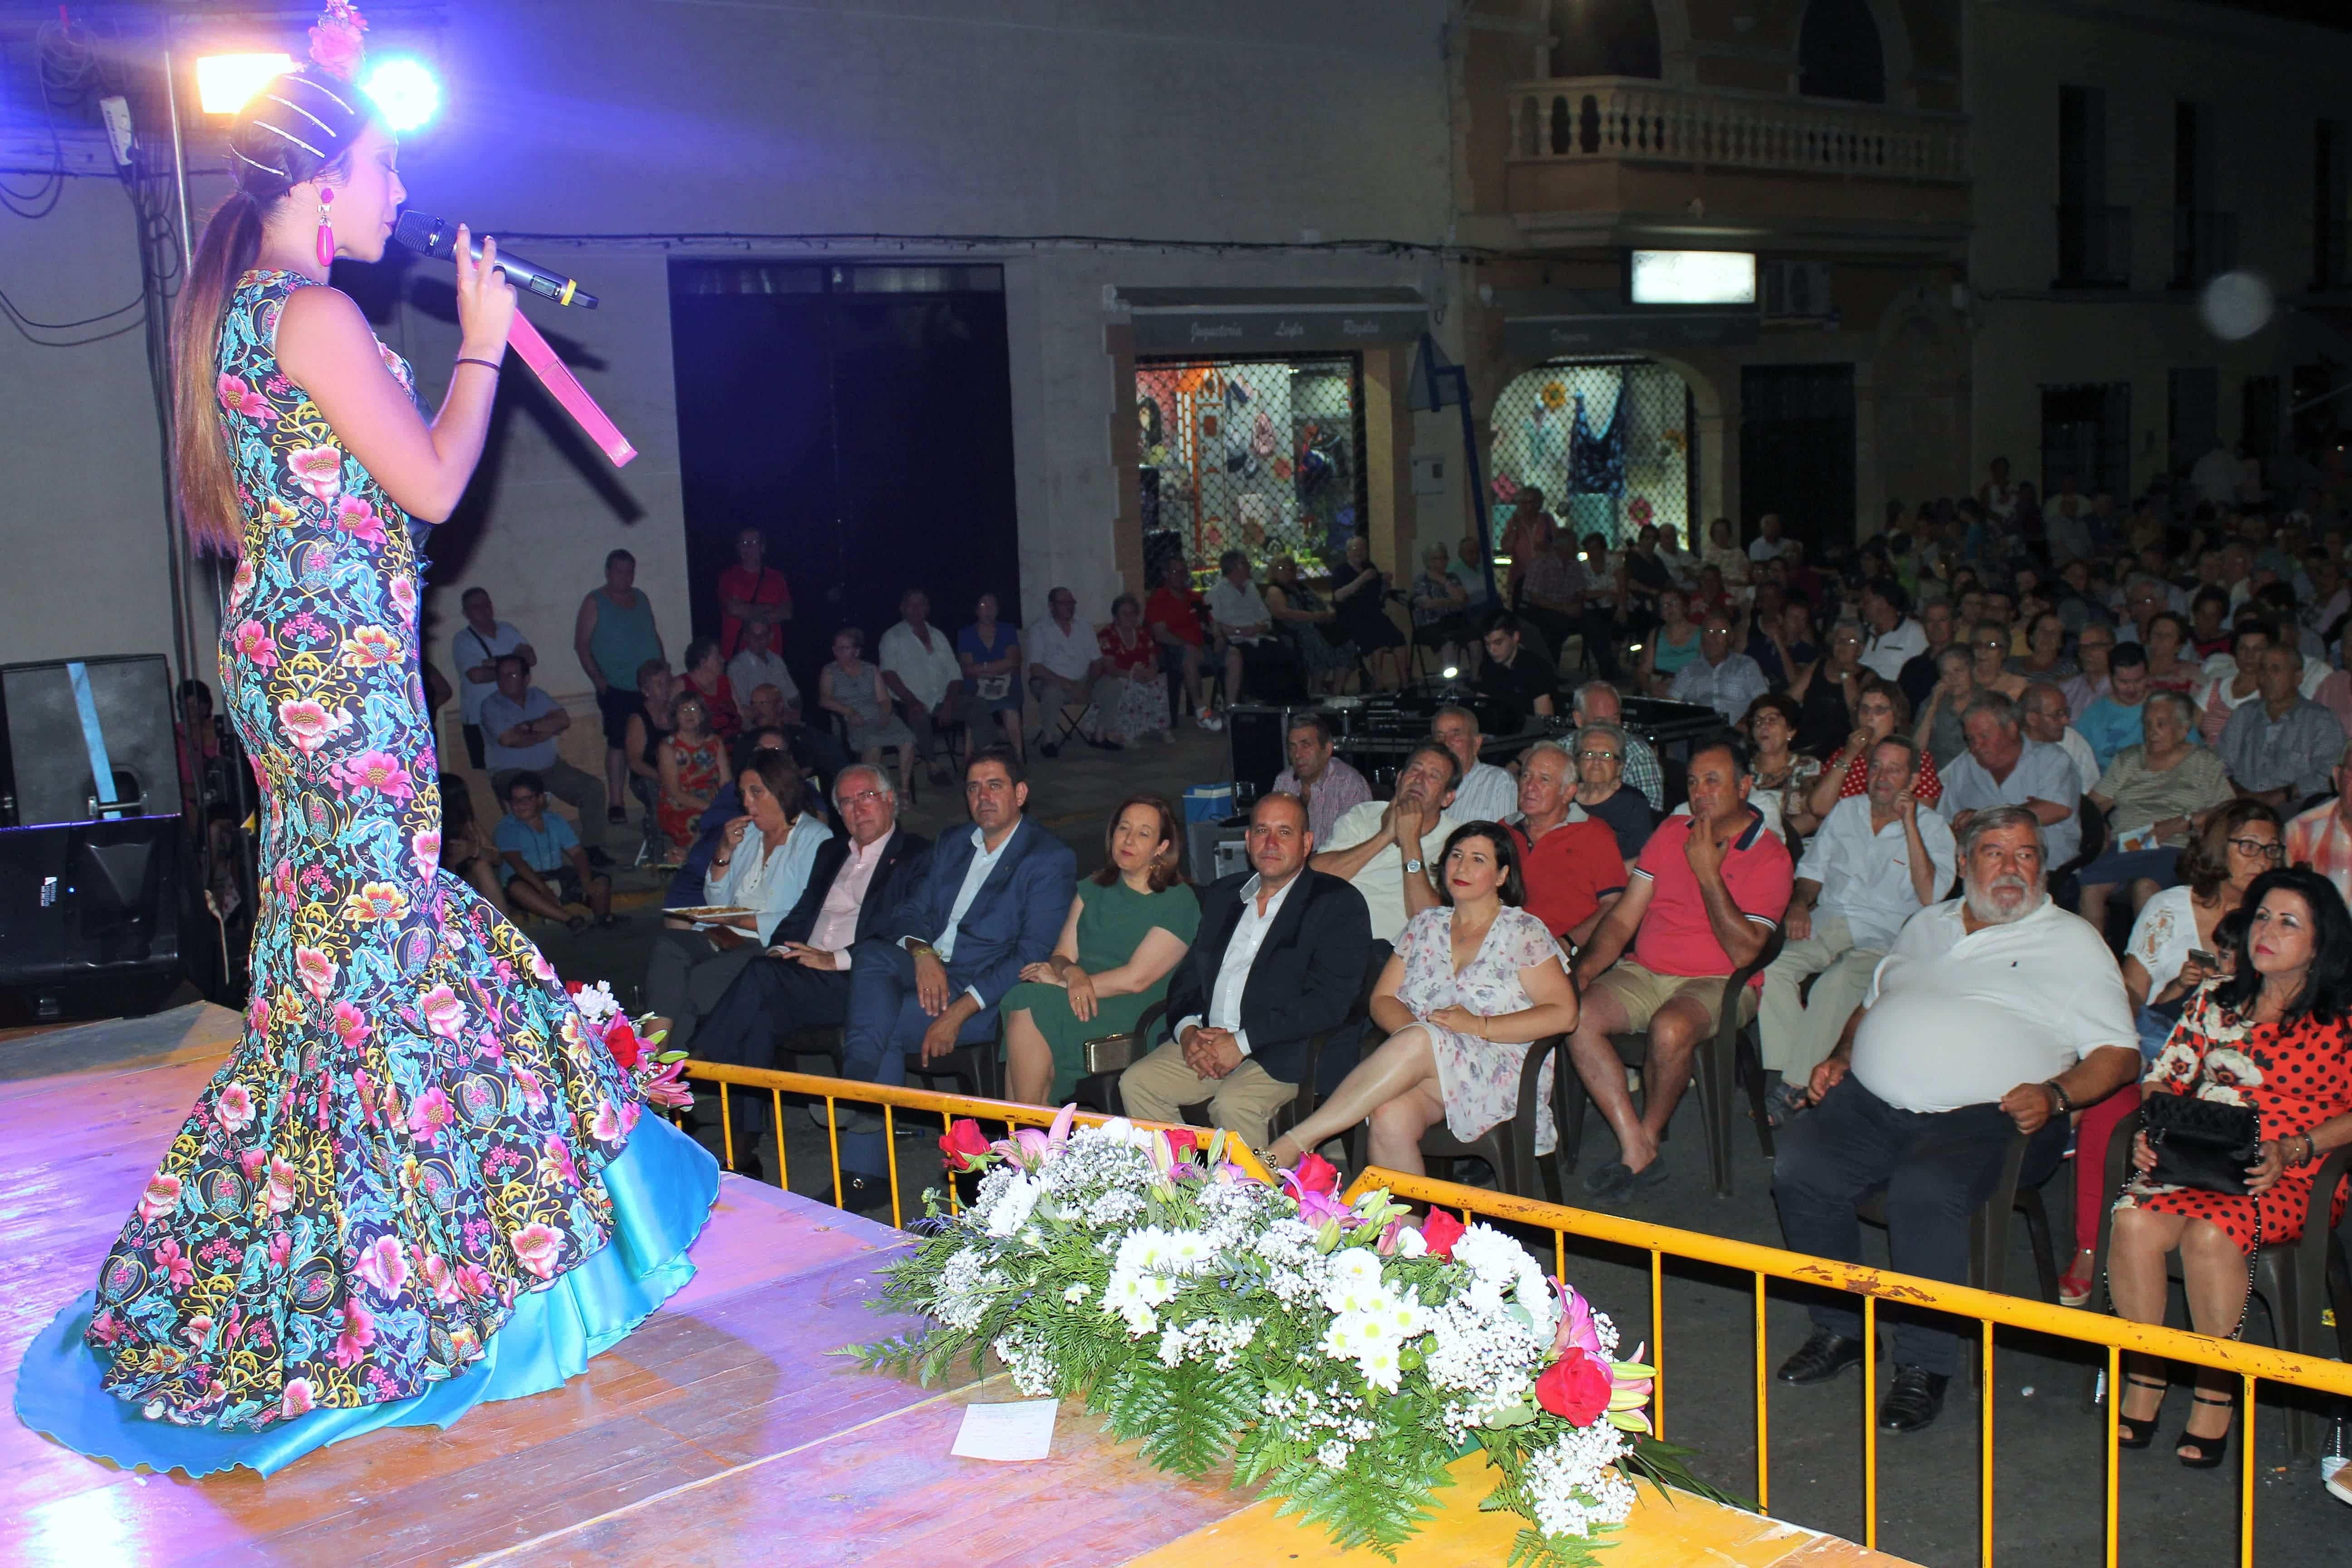 Villarrubia Festival Madrugador  - El senador herenciano presente en el homenaje a los hombres y mujeres que viajan cada día a Madrid